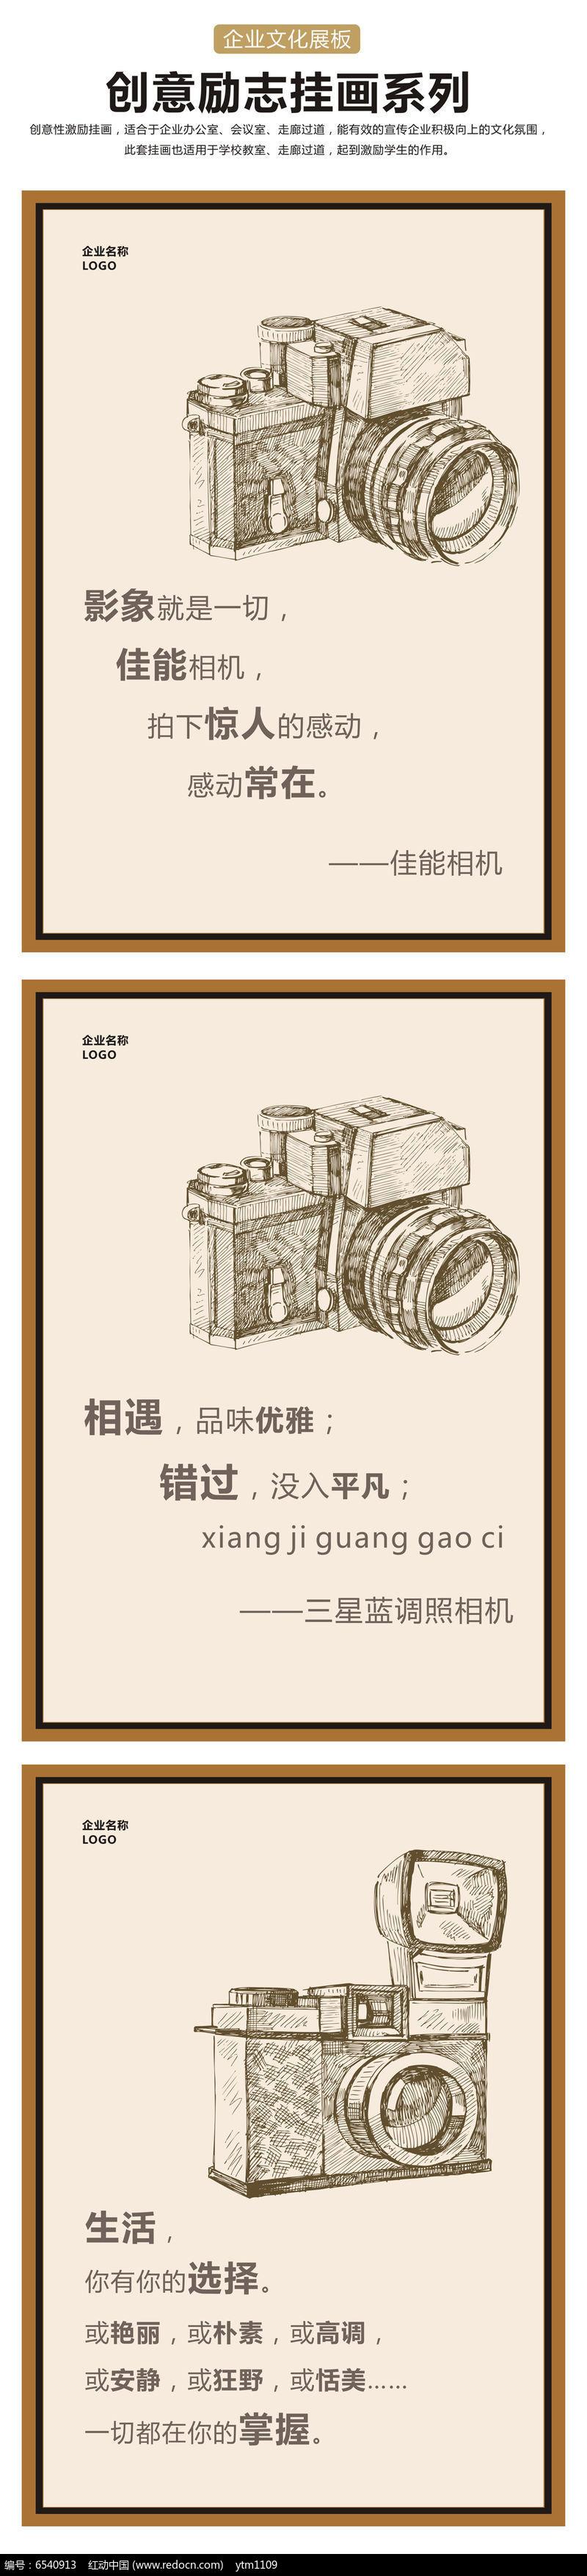 手绘相机励志挂画展板图片